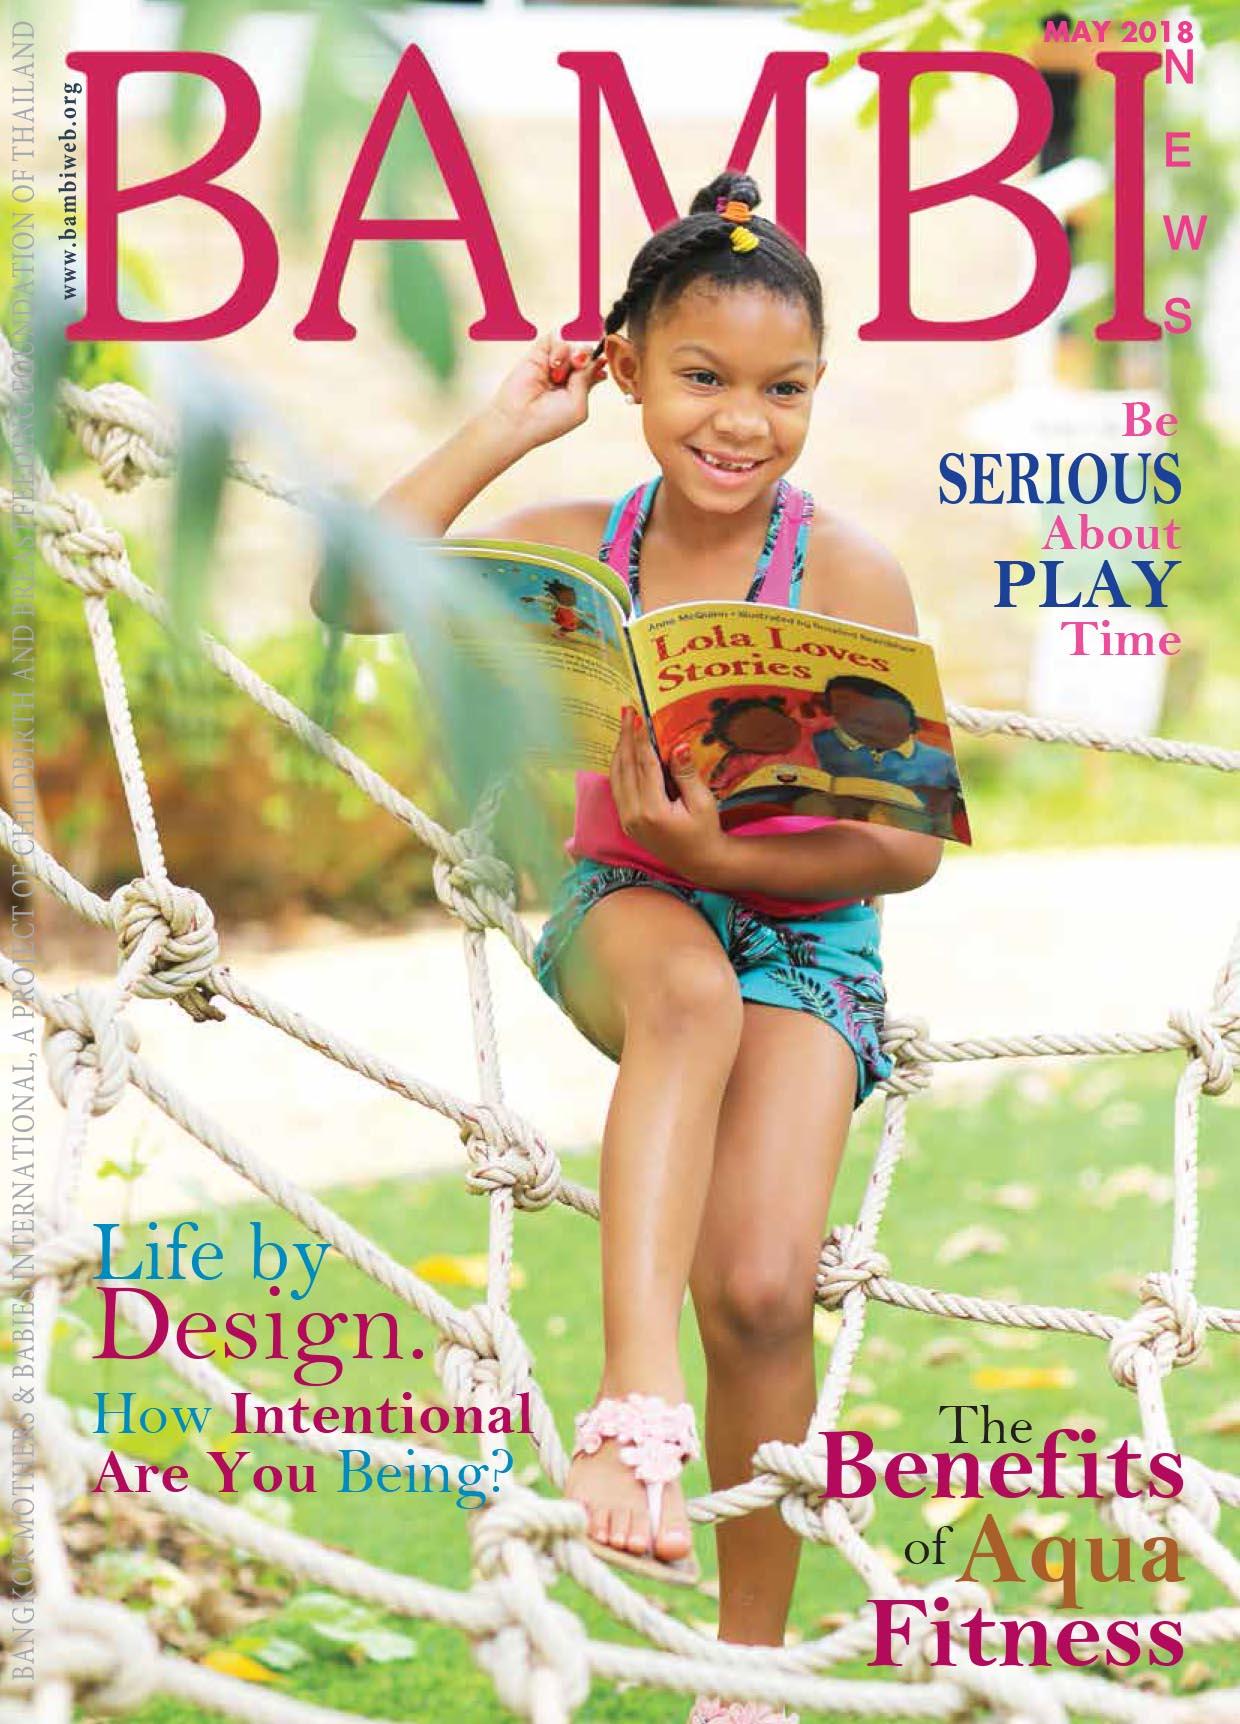 BAMBI News May 2018